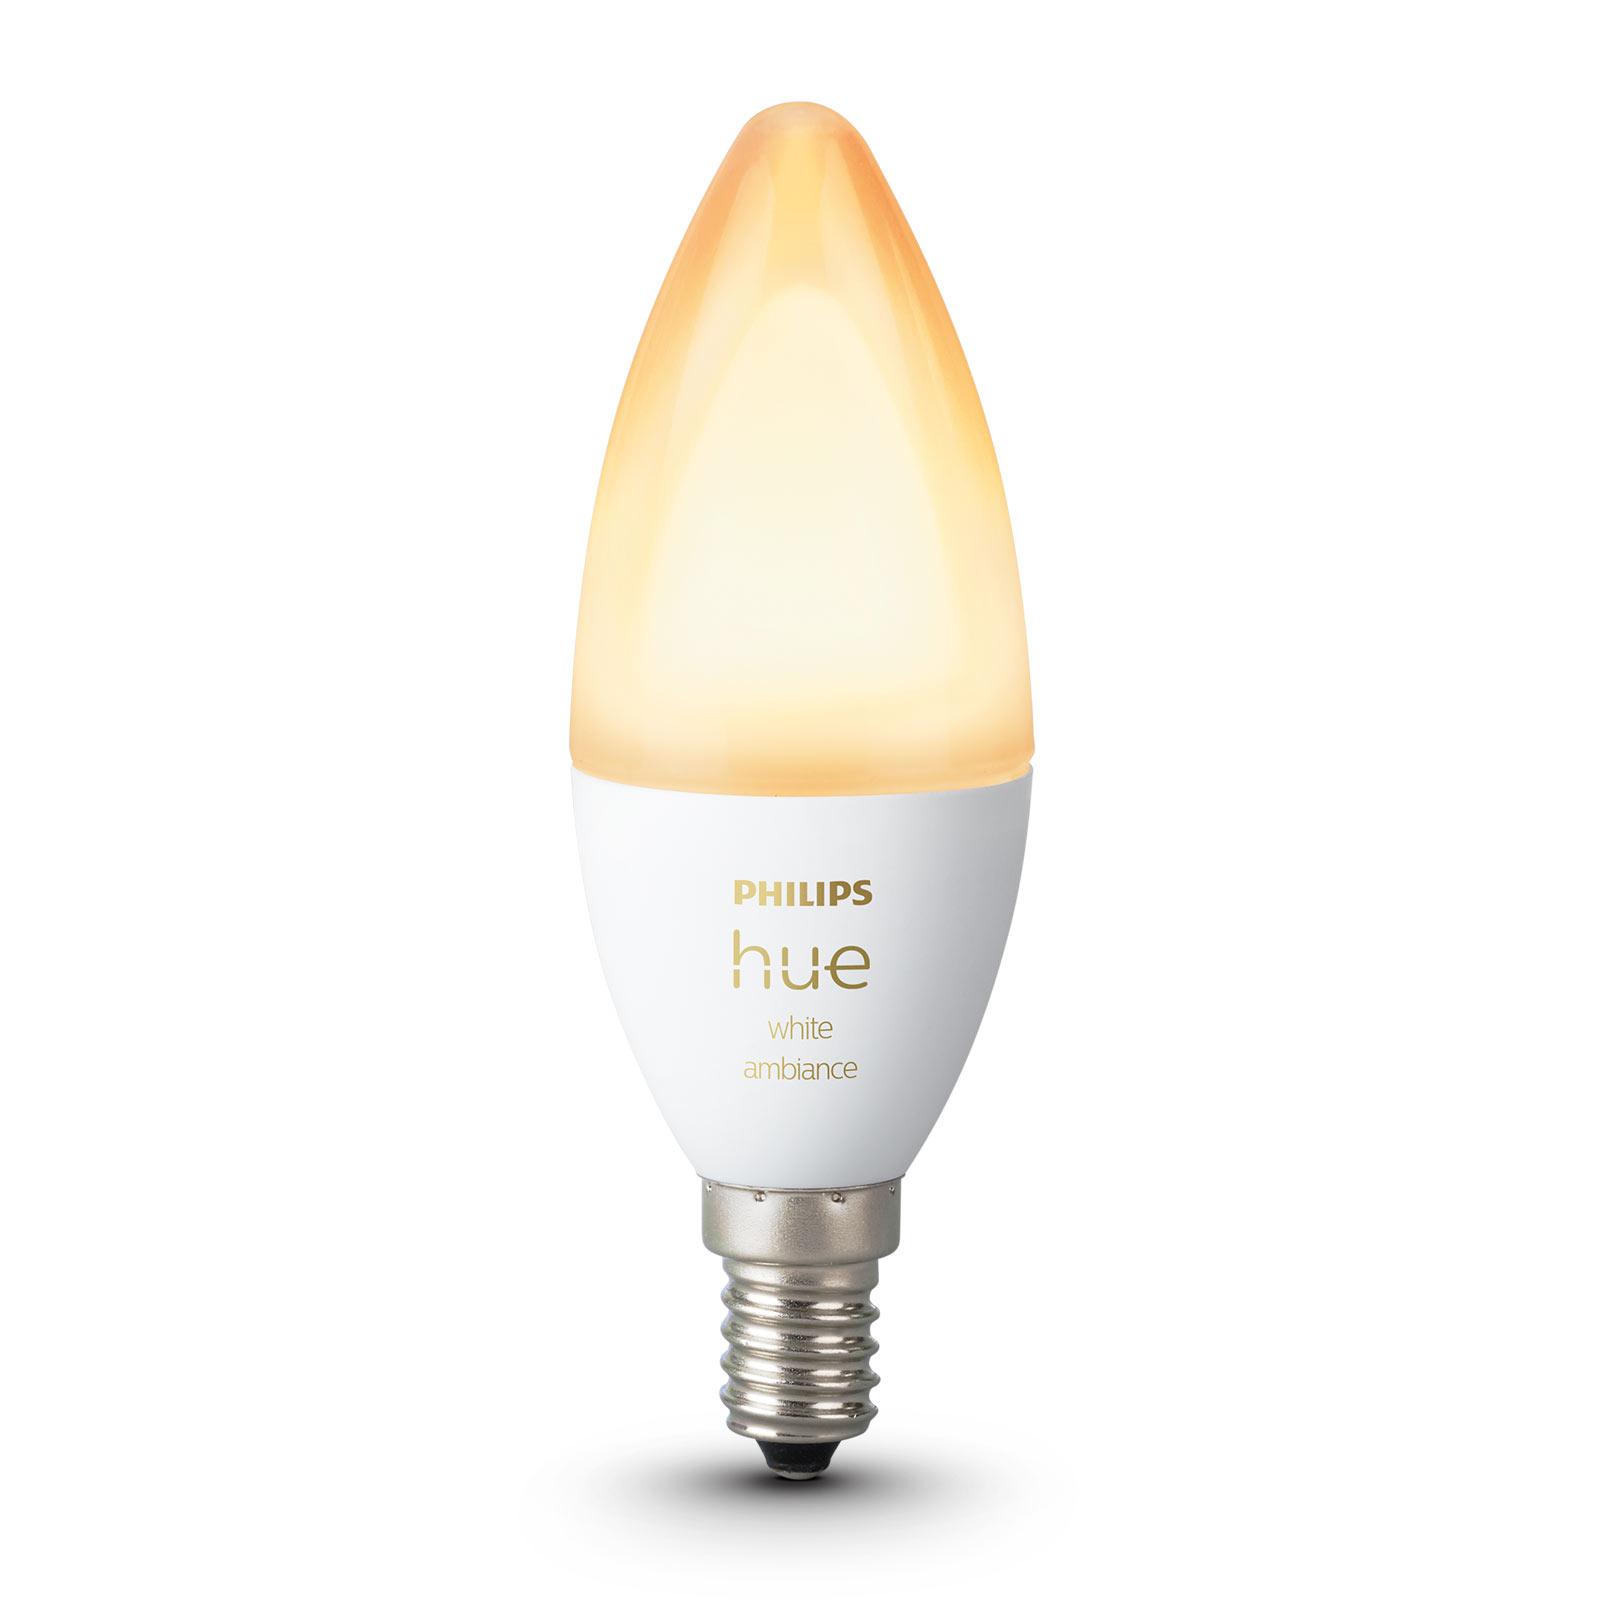 Philips Hue żarówka świeczka White Ambiance 5,2W